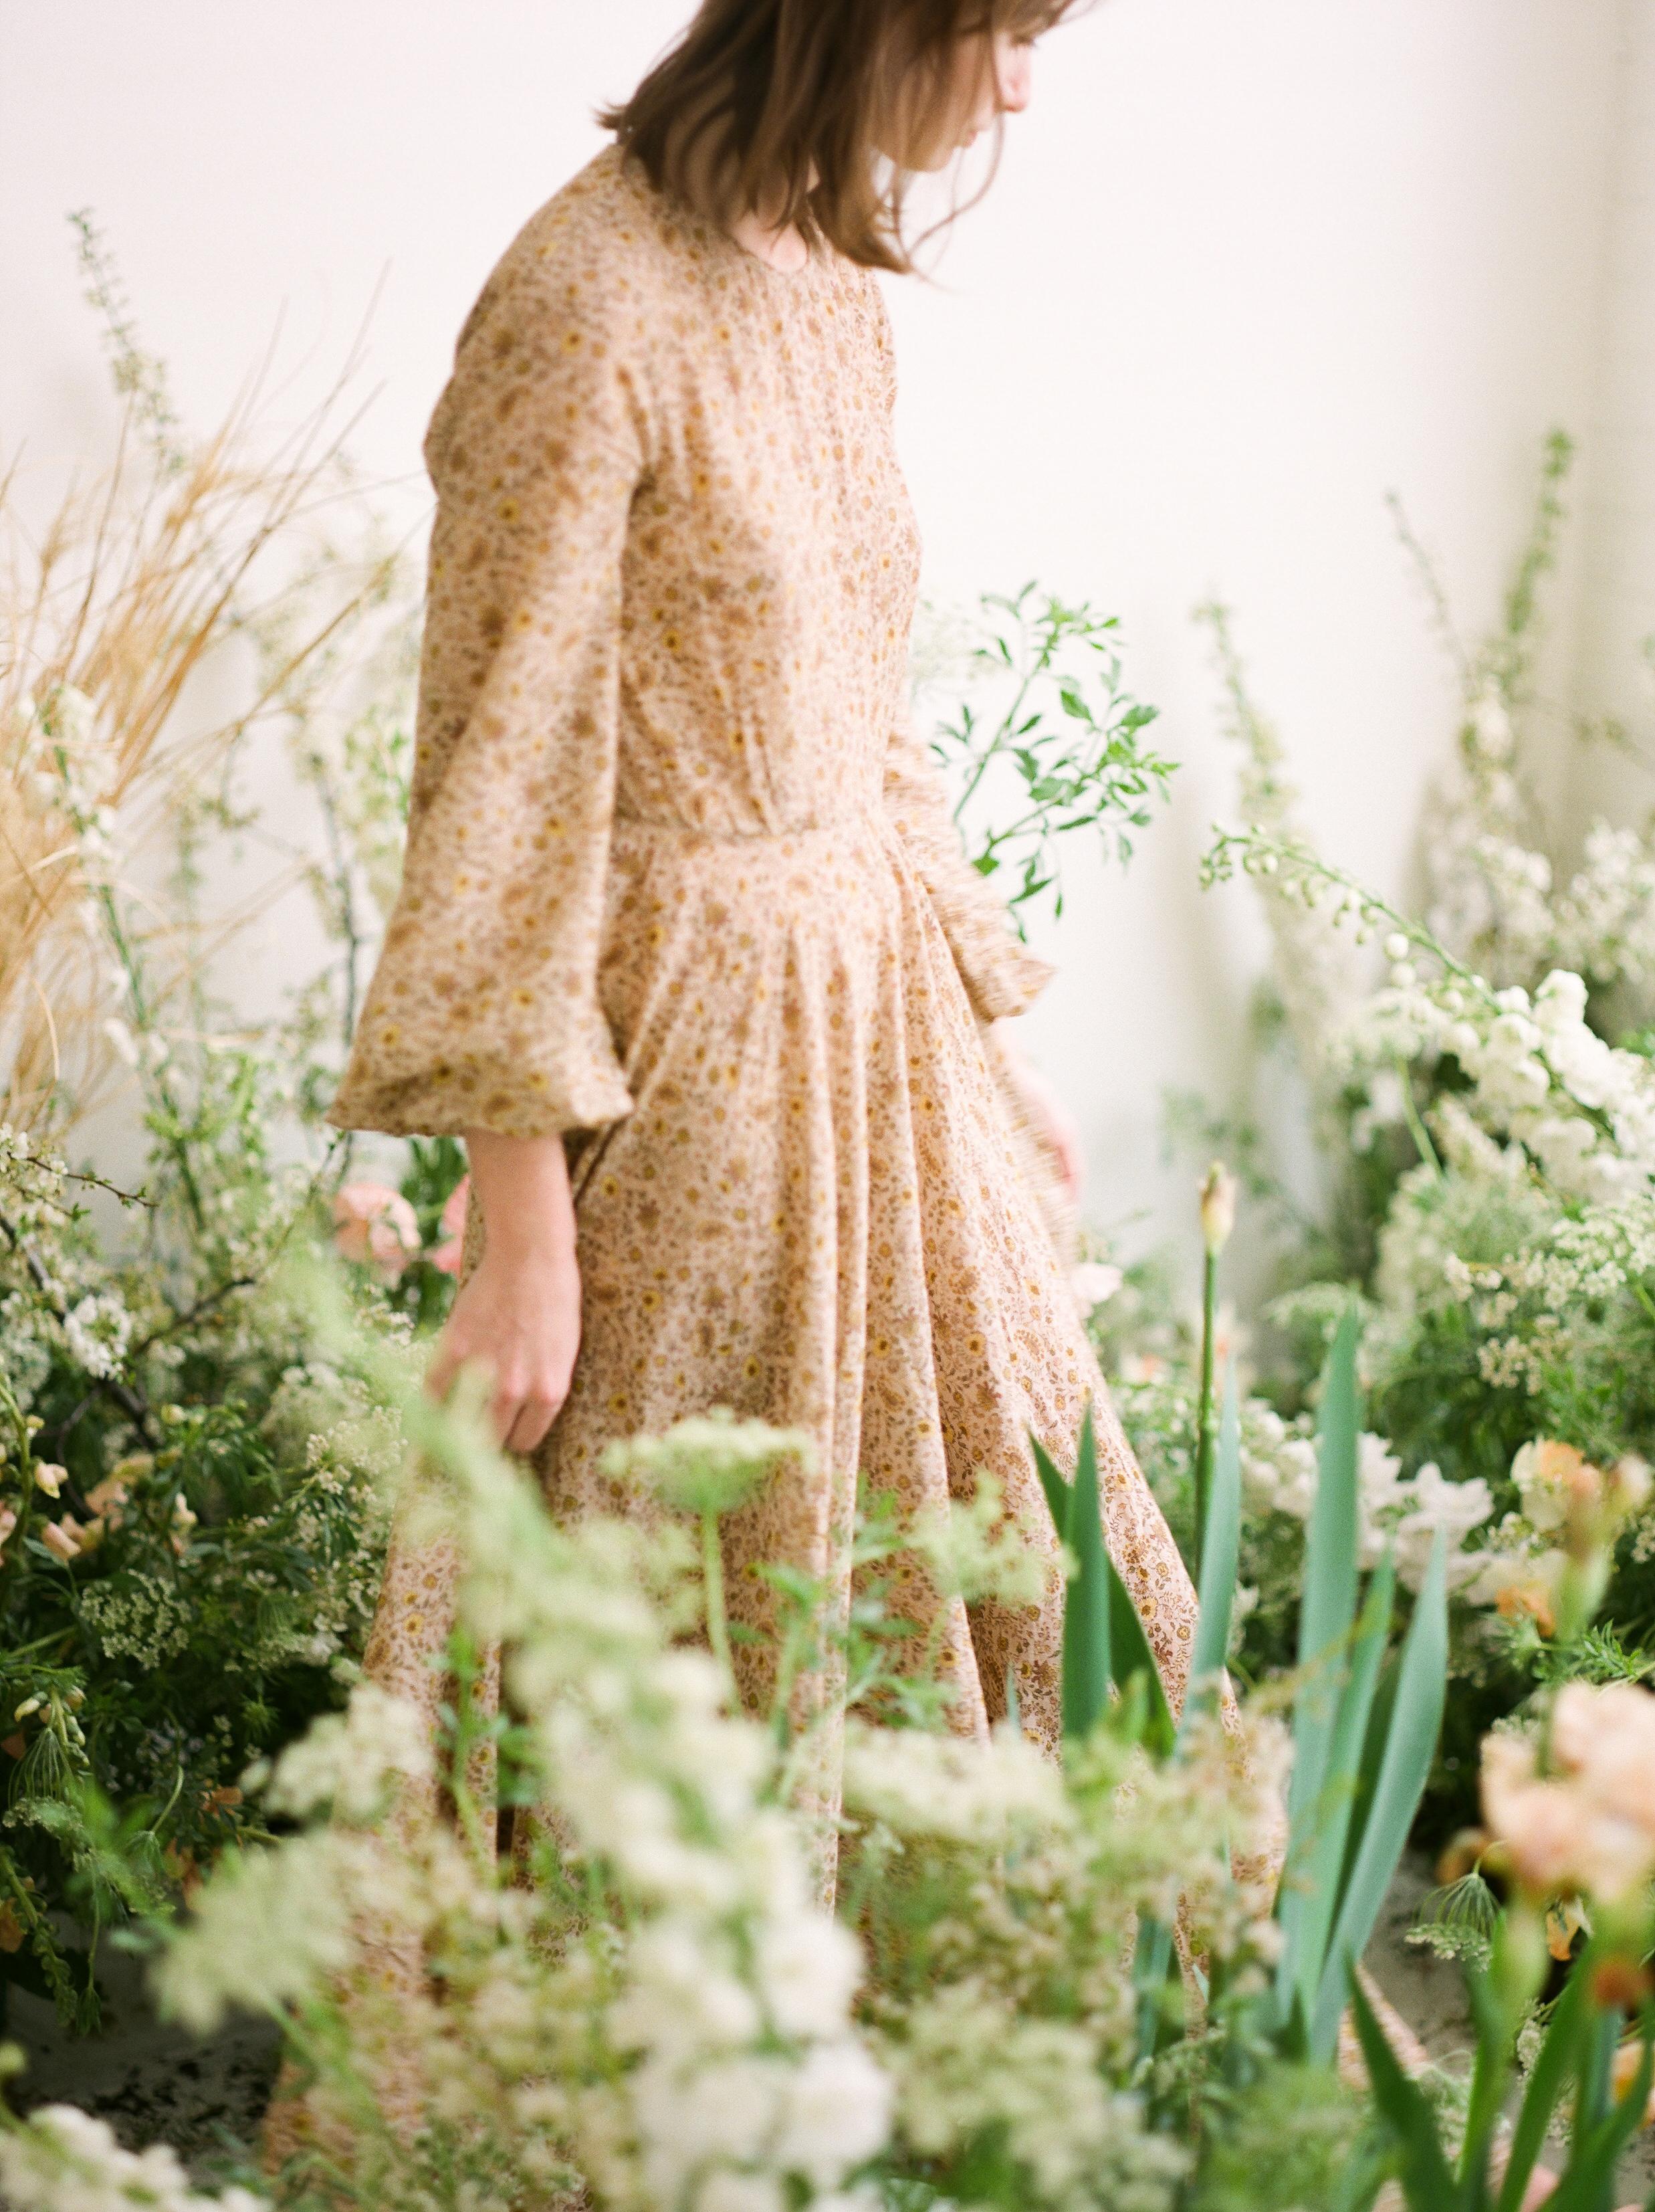 olya_vitulli_loom_bloom-3.jpg